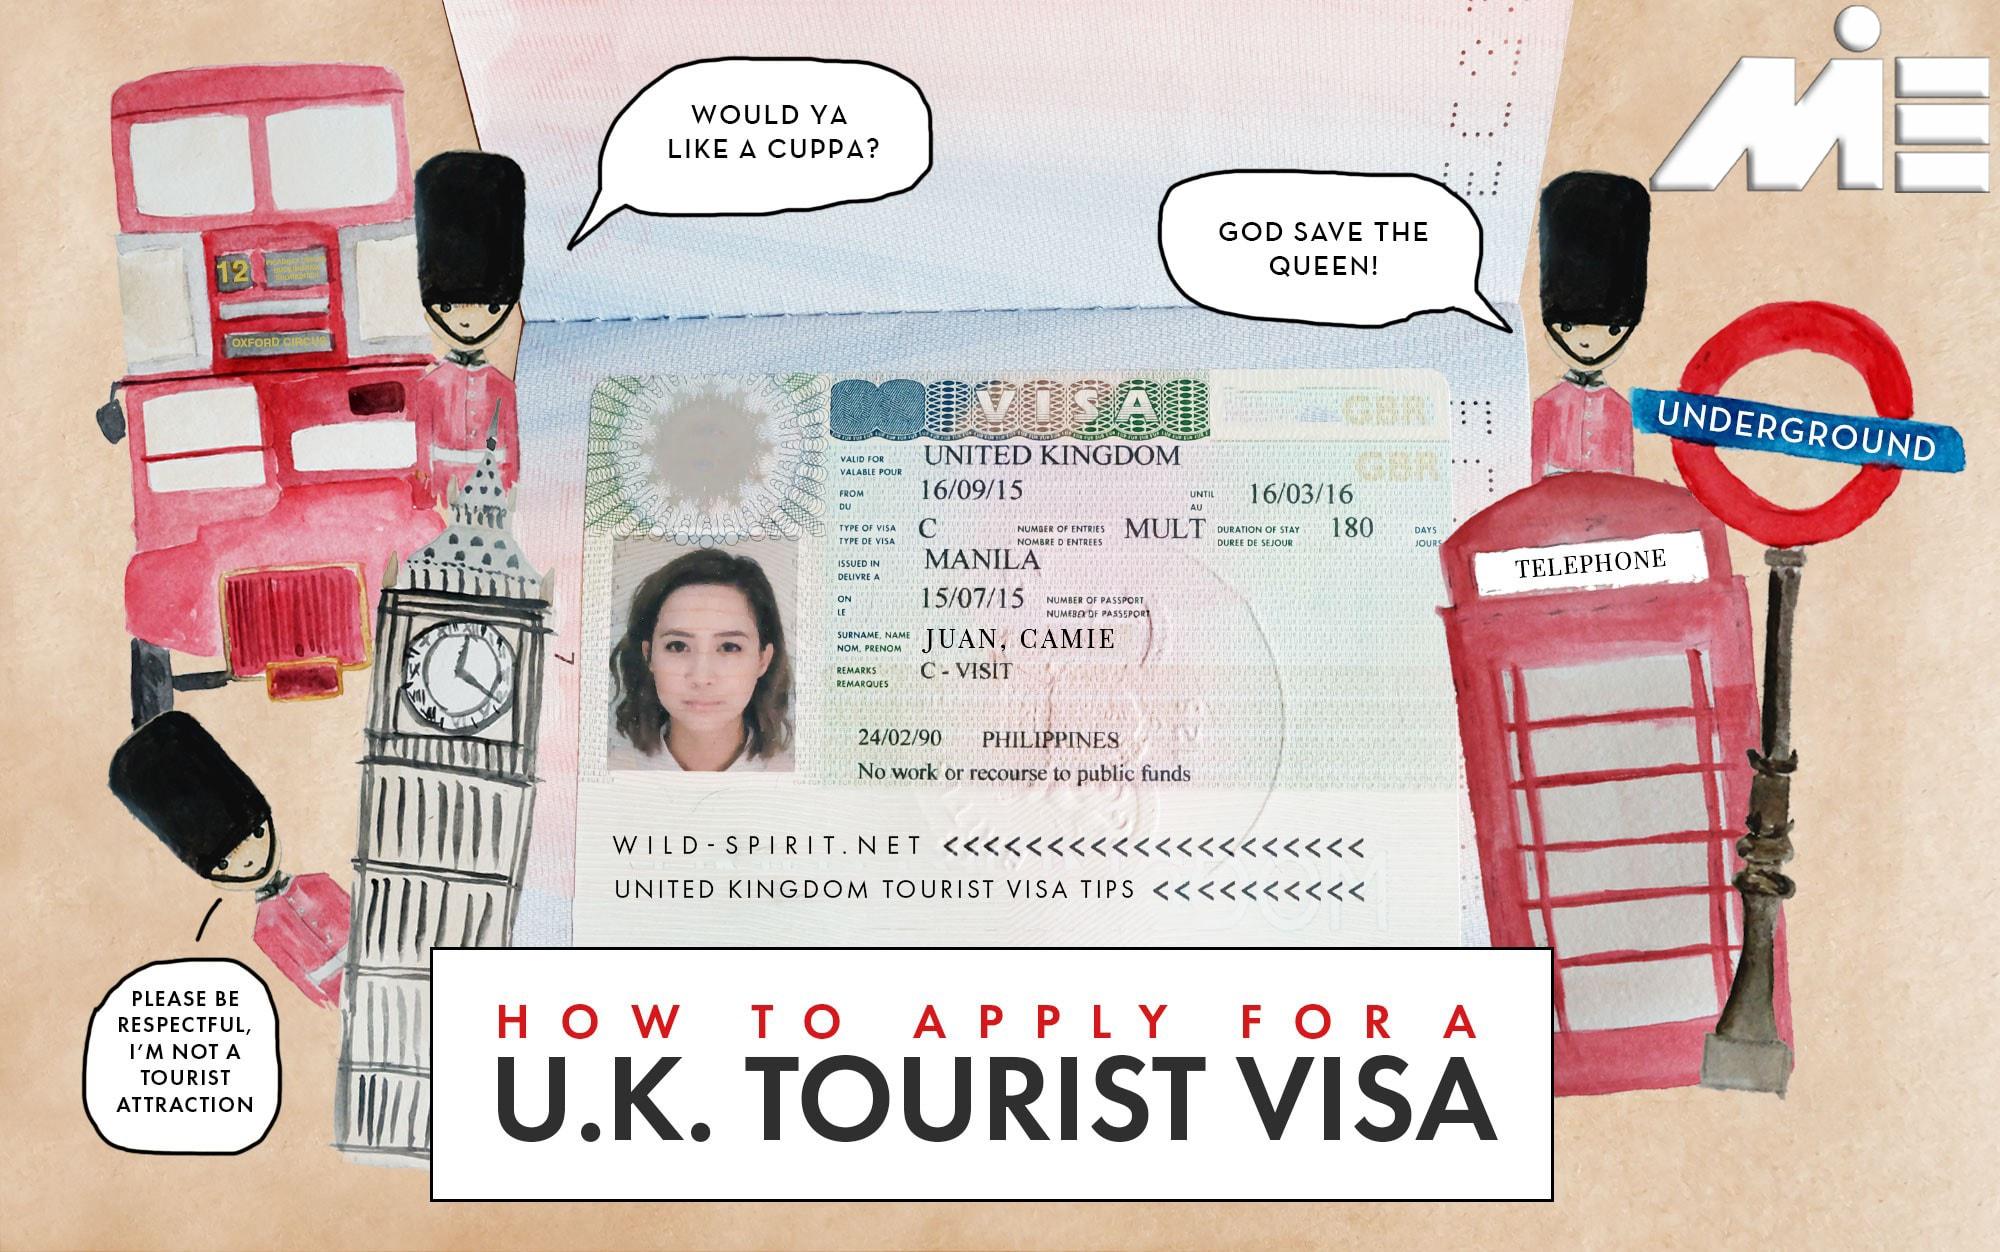 چگونه ویزای توریستی انگلستان بگیریم؟